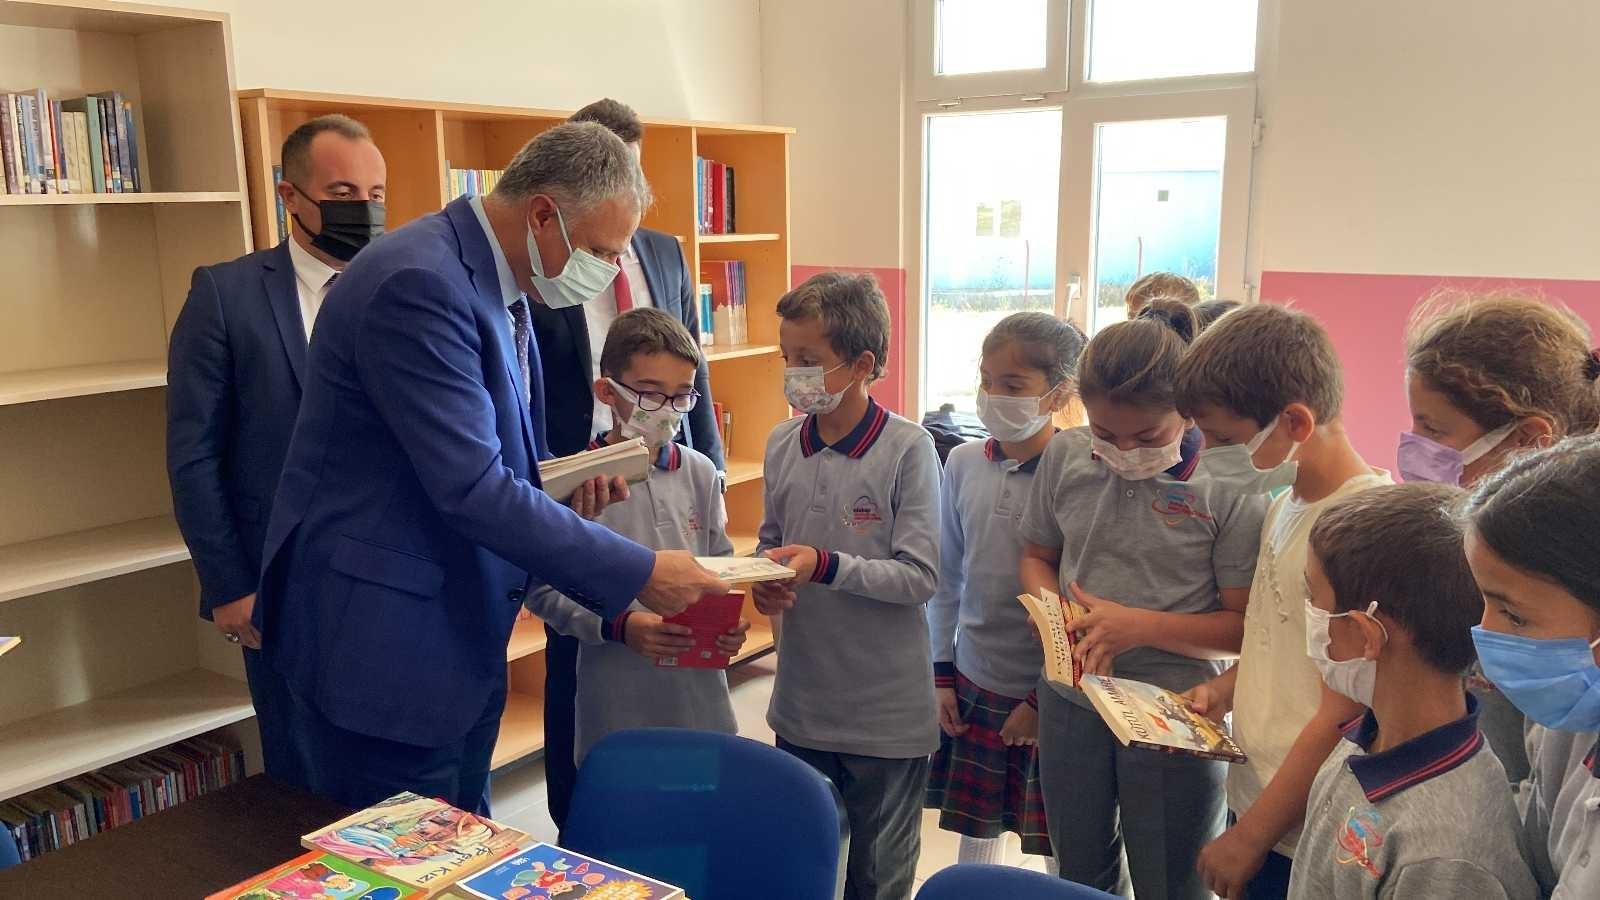 Köy okulunda öğrencilere kitap hediye edildi #bayburt